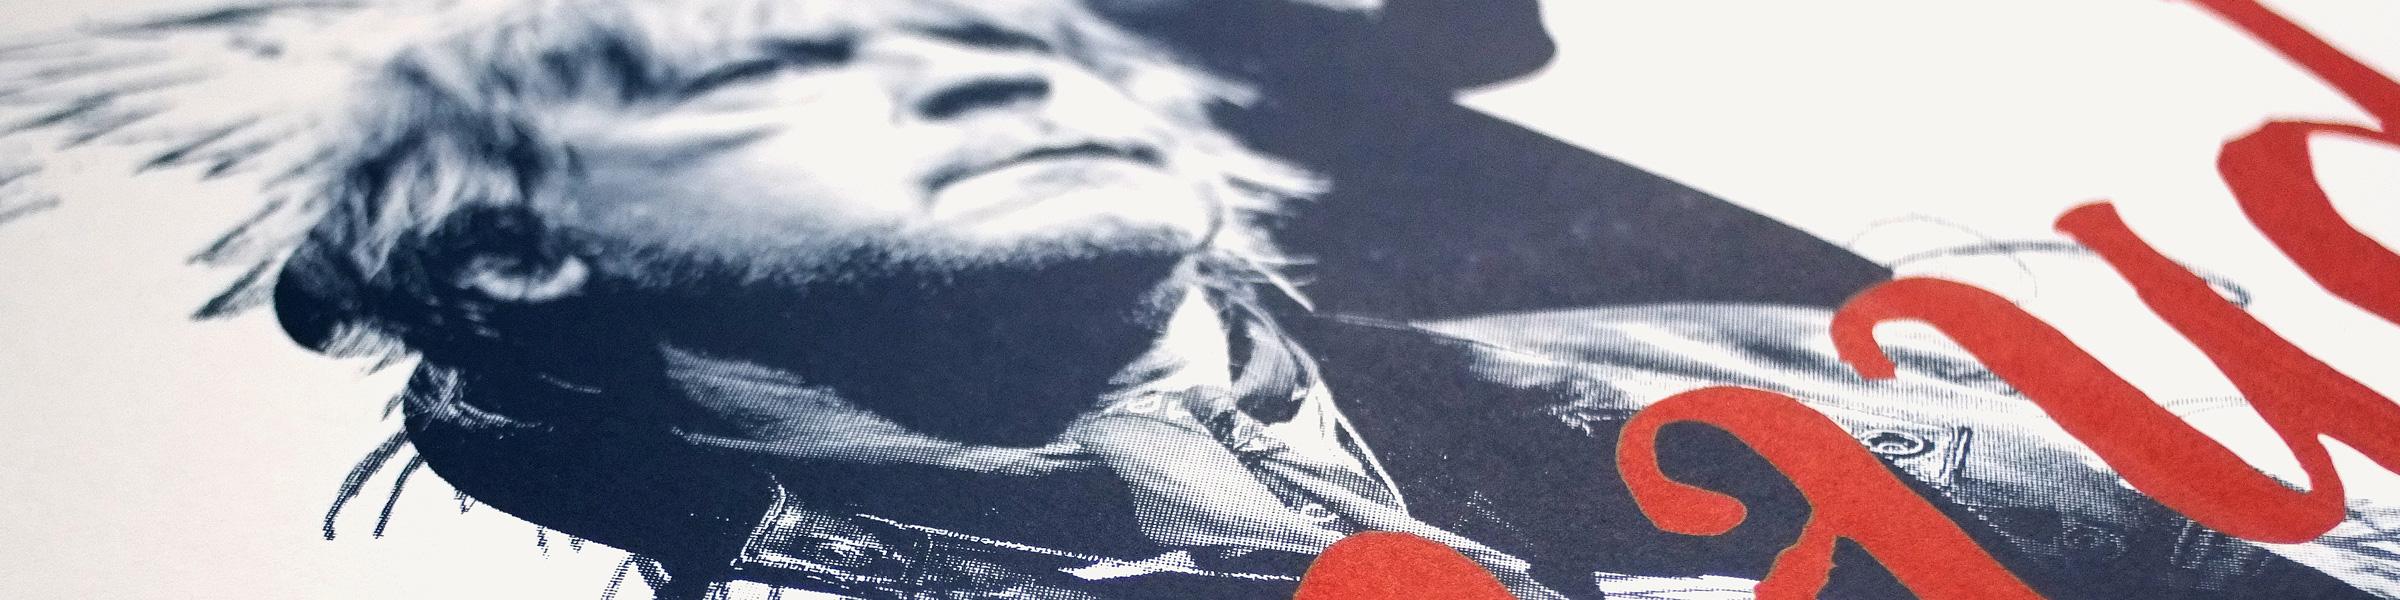 Affiche sérigraphie Renaud Phenix Tour édition d'art graphique